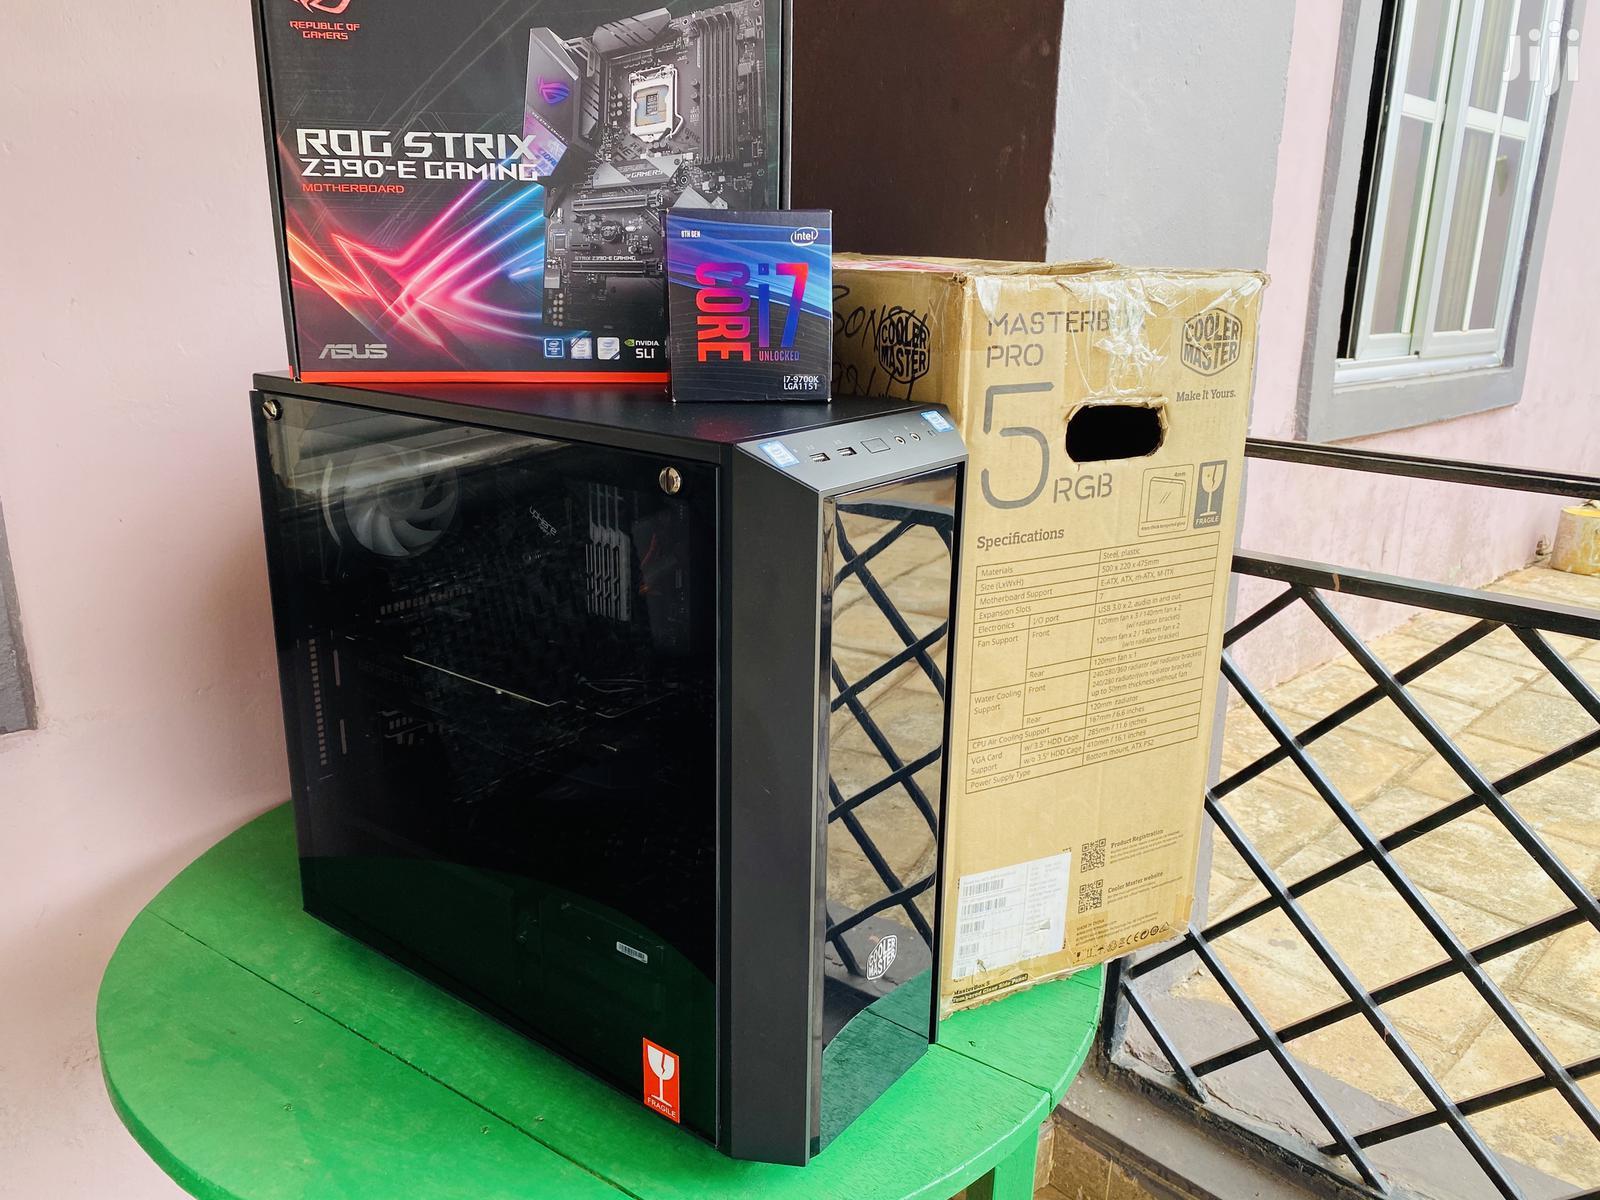 New Desktop Computer Asus 32GB Intel Core i7 SSD 512GB